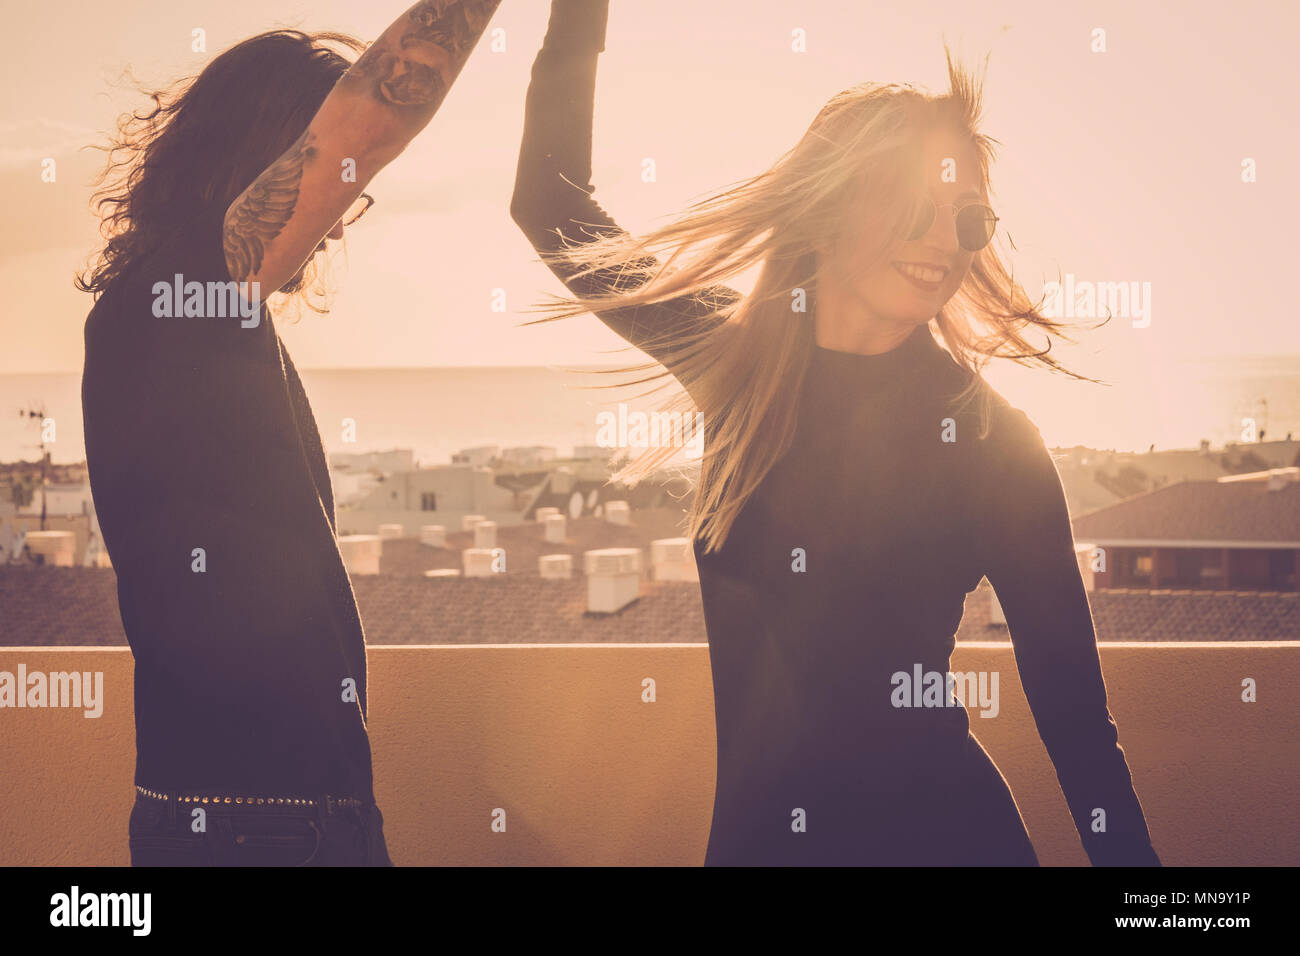 Schöne lange Haare jungen kaukasischen Paar tanzen und Bewegen auf der Dachterrasse mit Blick auf den Ozean. schönen Außenpool Sonne Licht und schöne Freizeitbeschäftigung auf Stockbild